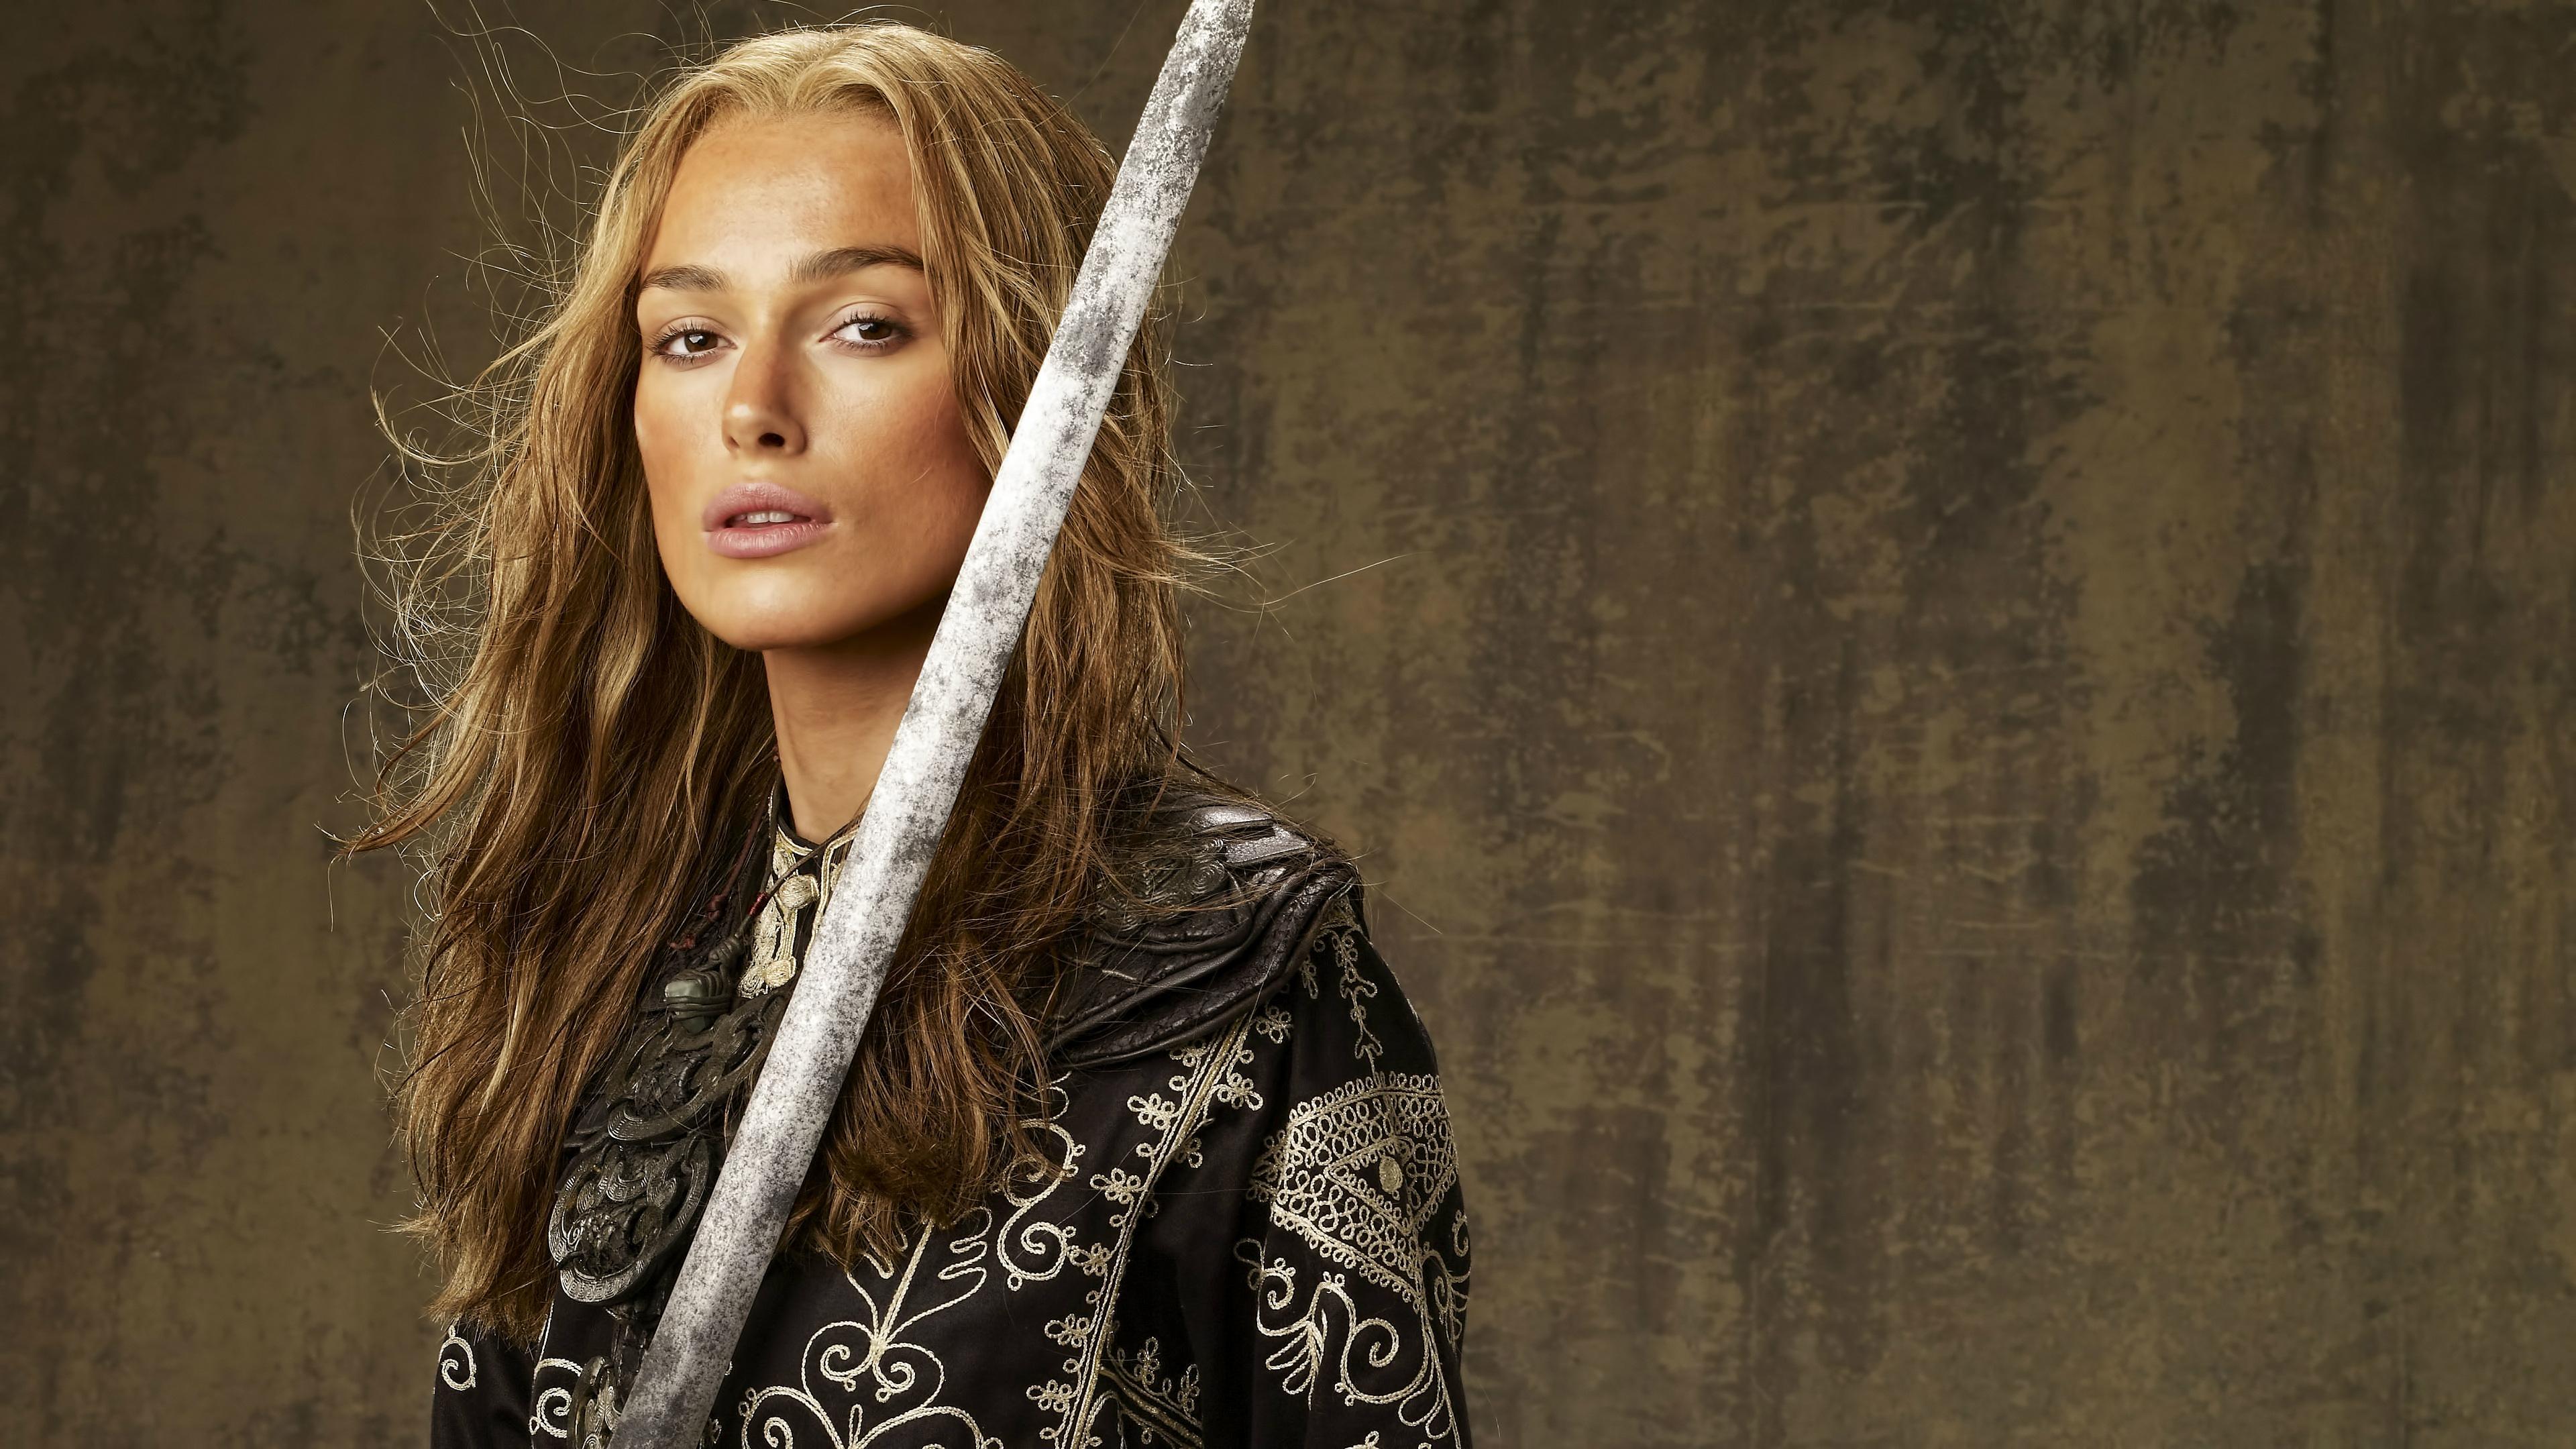 Elizabeth keira swann knightley